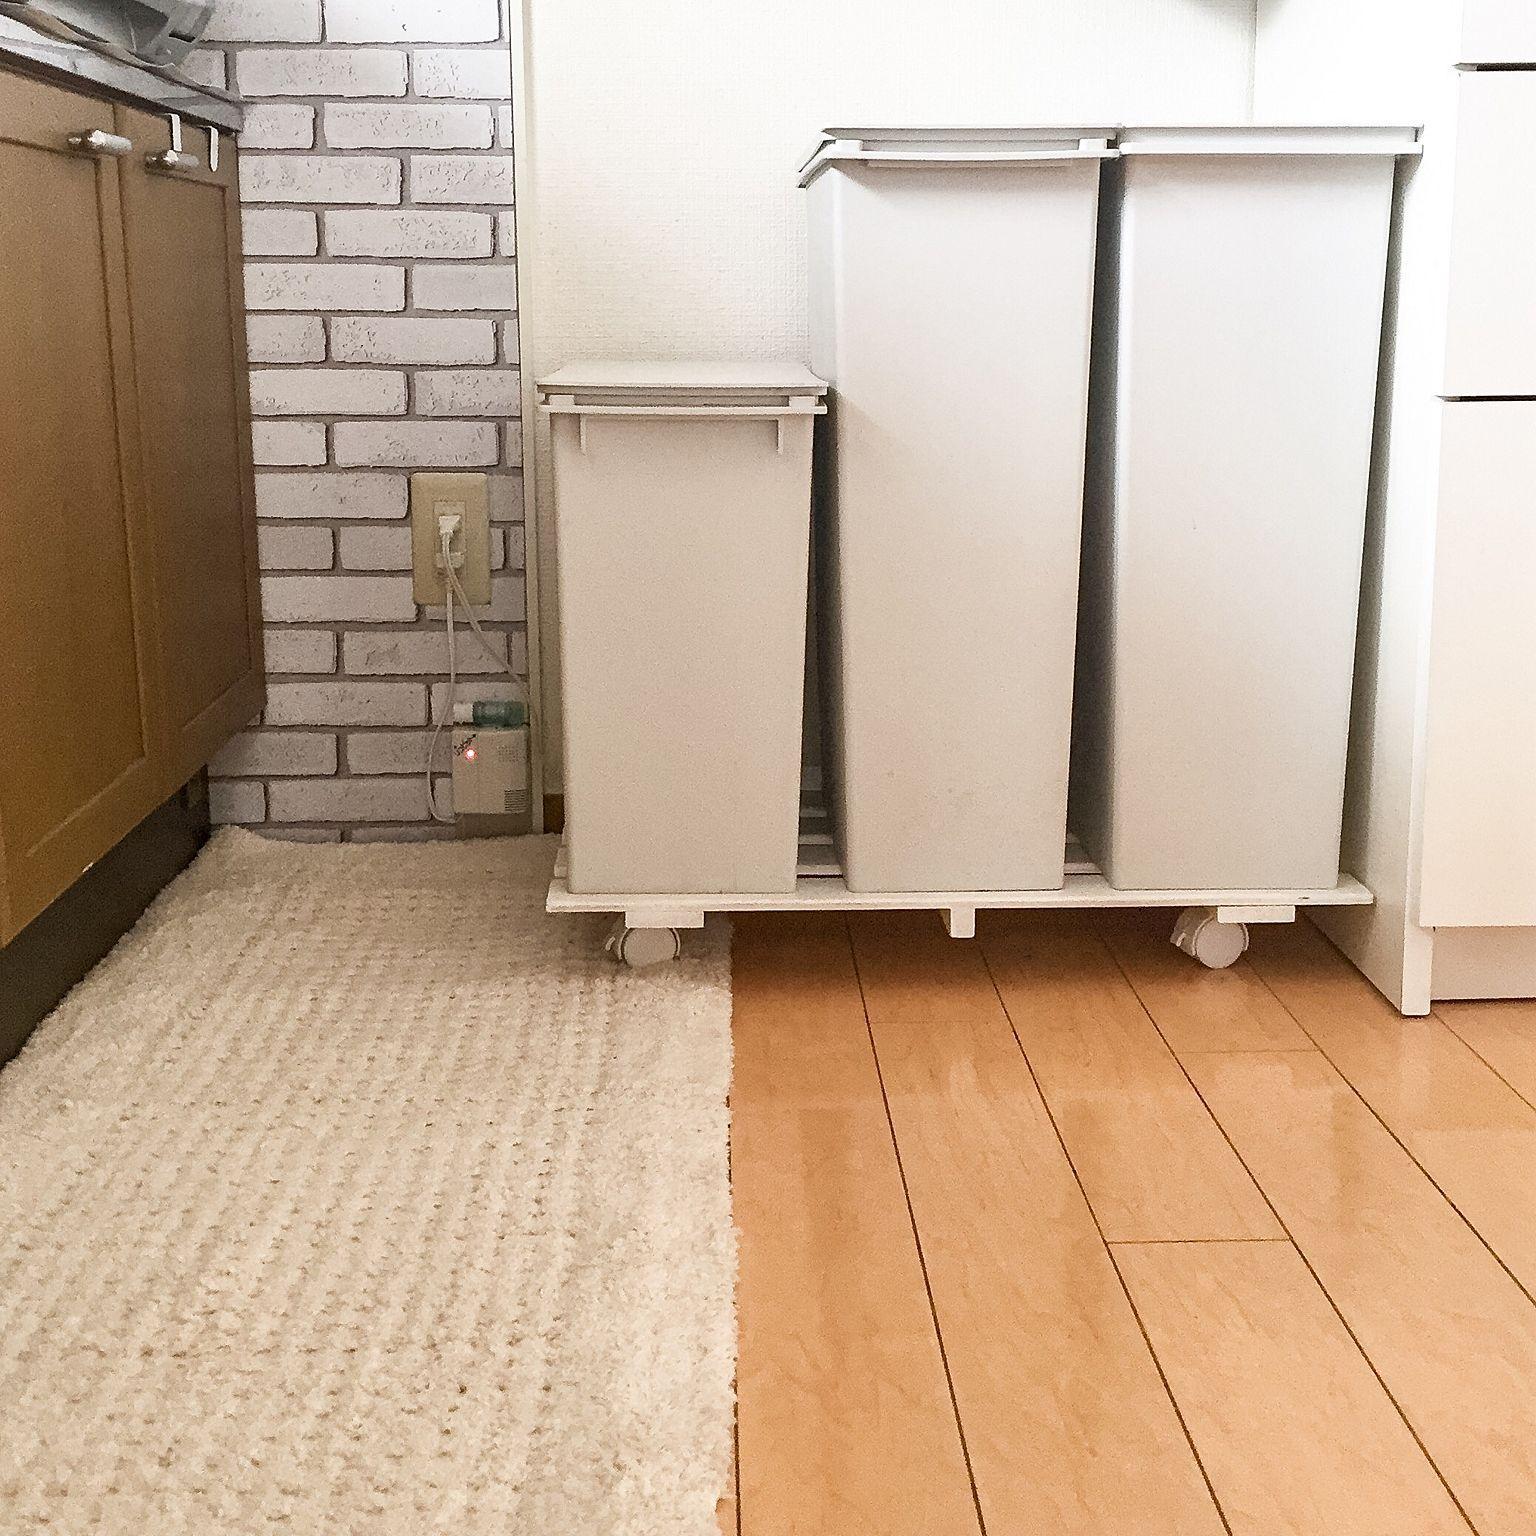 Kitchen/無印良品/ゴミ箱/DIY/salut!/キッチンマット.